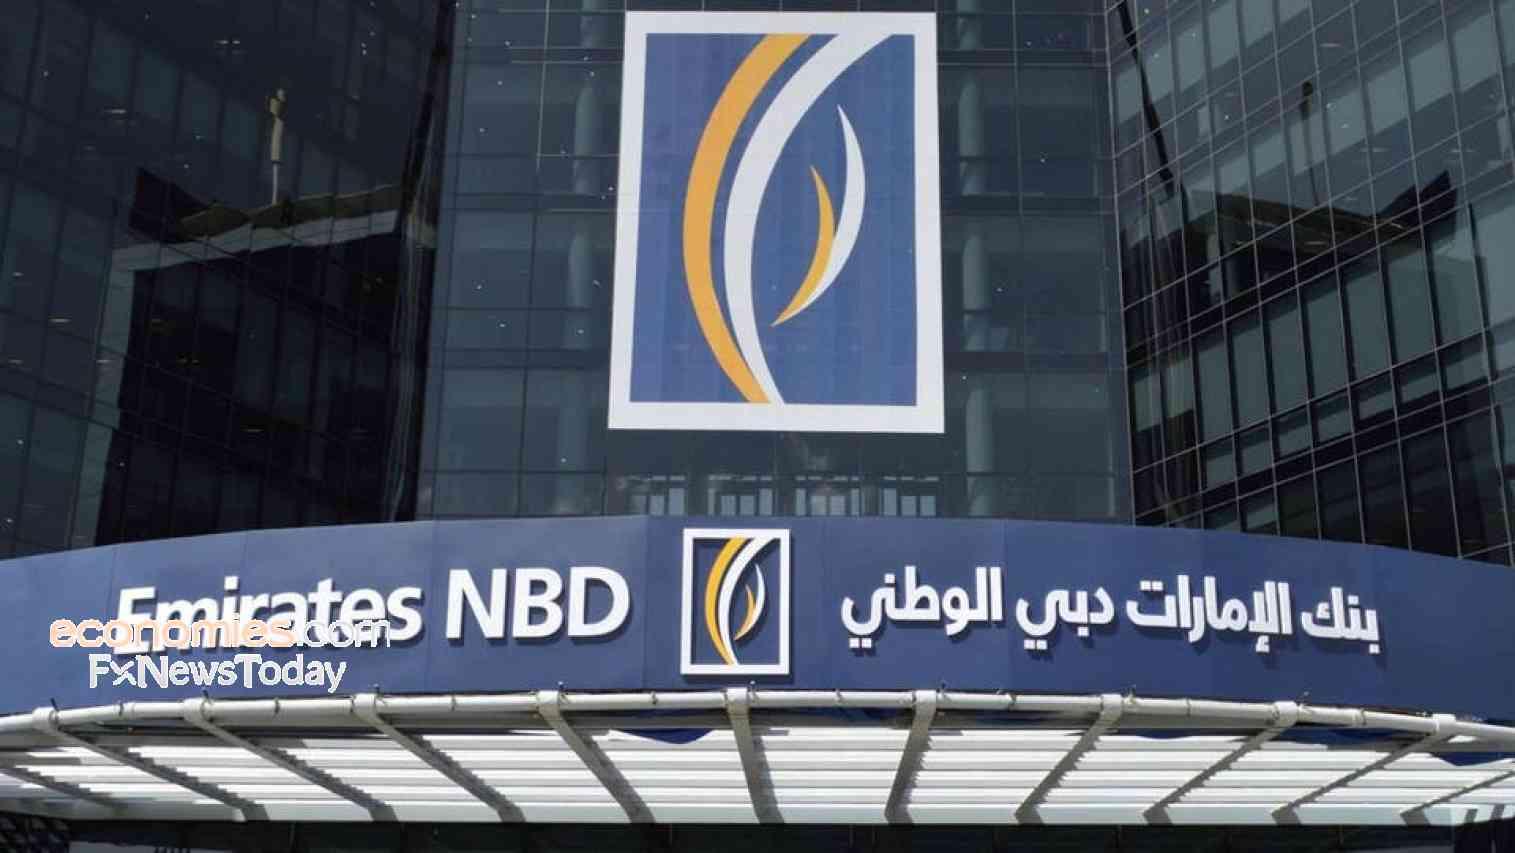 """""""الإمارات دبي الوطني"""" يفوض بنكاً يابانياً لترتيب قرض  بـ200 مليون دولار"""